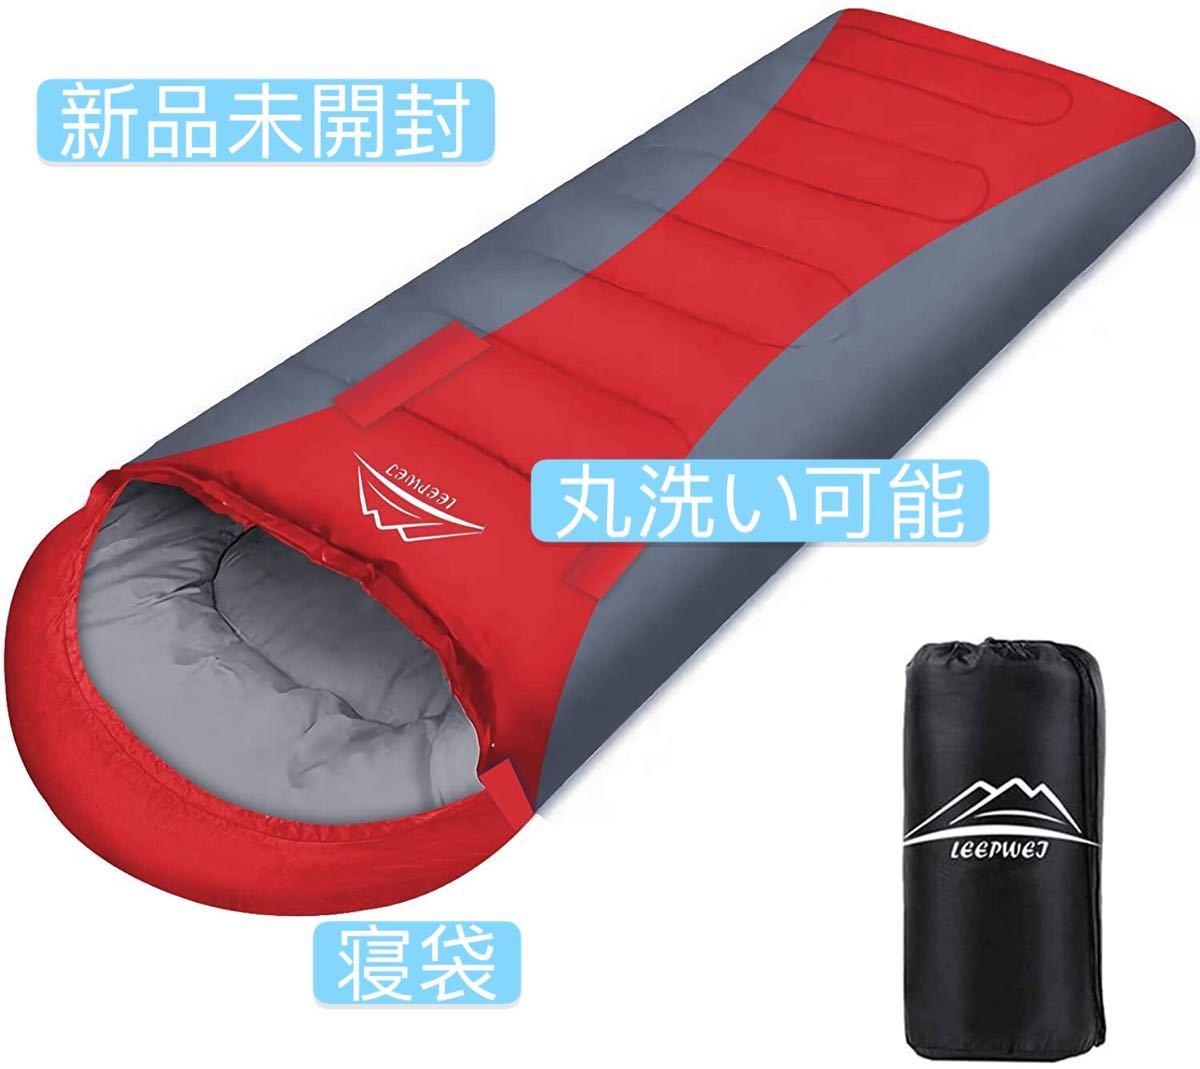 寝袋 シュラフ 封筒型 軽量 保温 210T防水 コンパクト アウトドア キャンプ 簡単収納